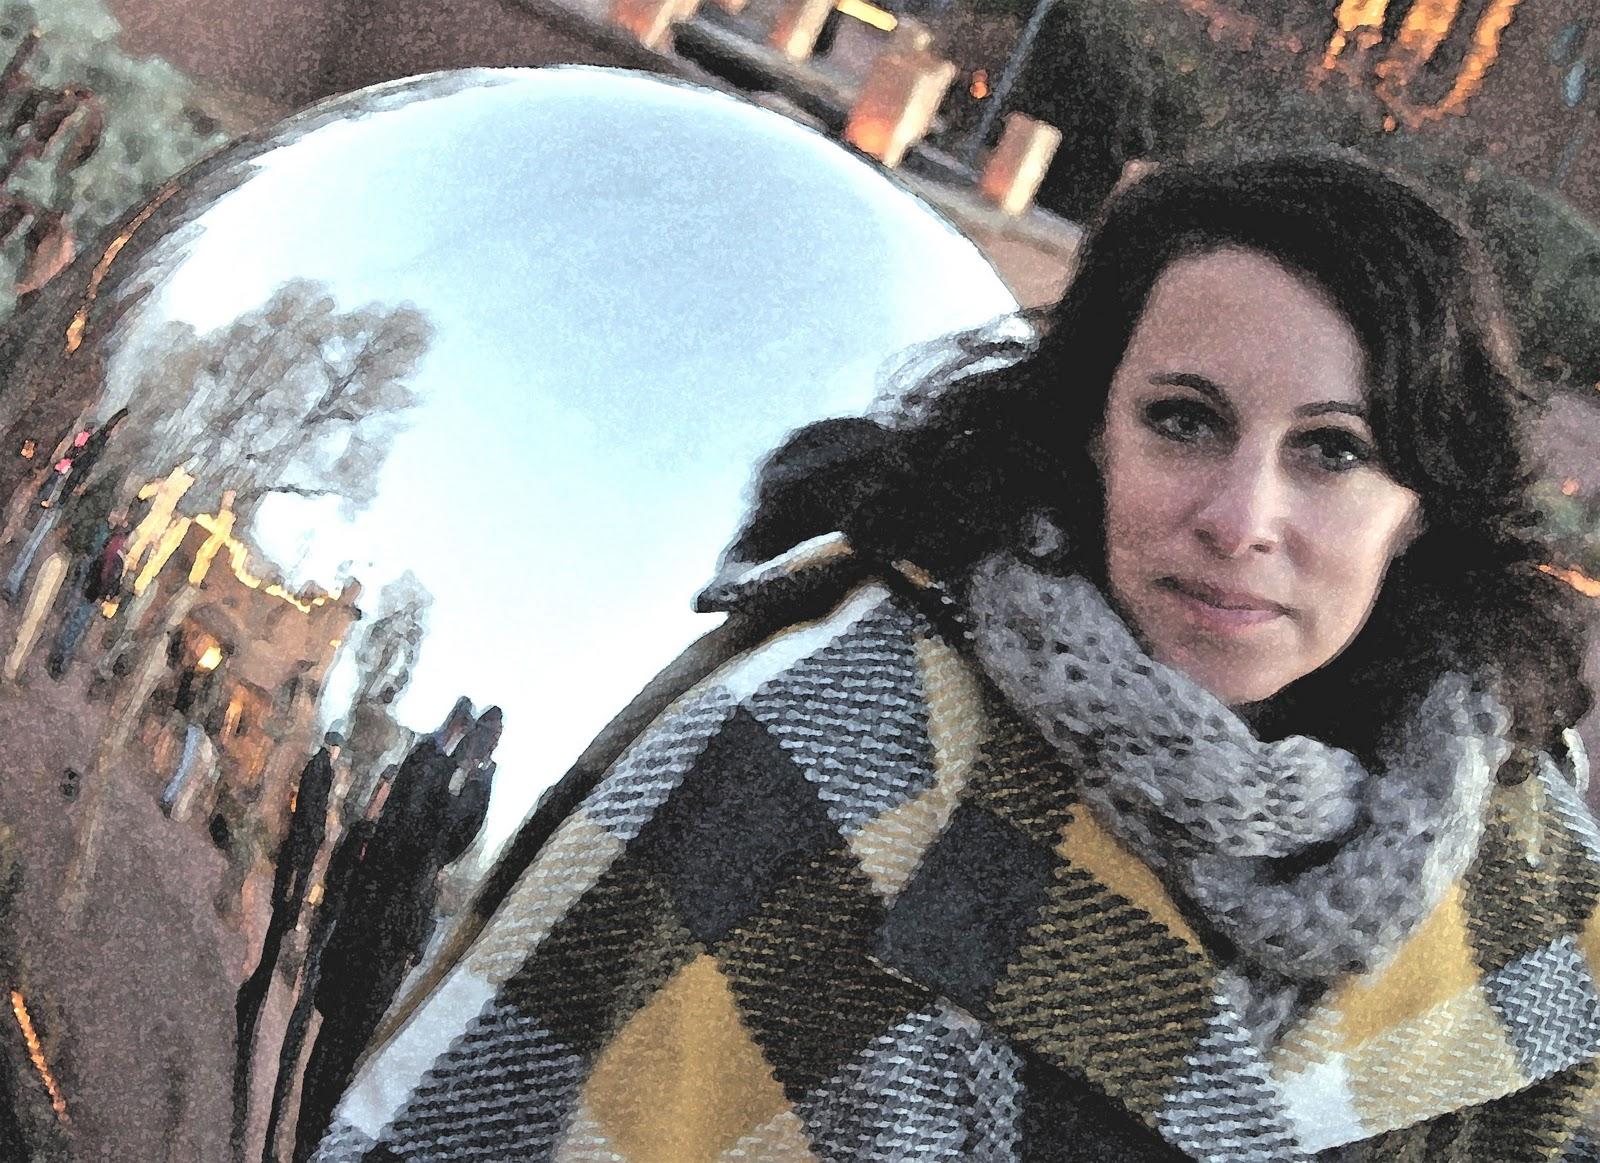 http://1.bp.blogspot.com/_-kfYxr_kW6o/TR_M5nAQ3KI/AAAAAAAACF8/38y_j_RKfQg/s1600/Caitlin+Styilized.jpg